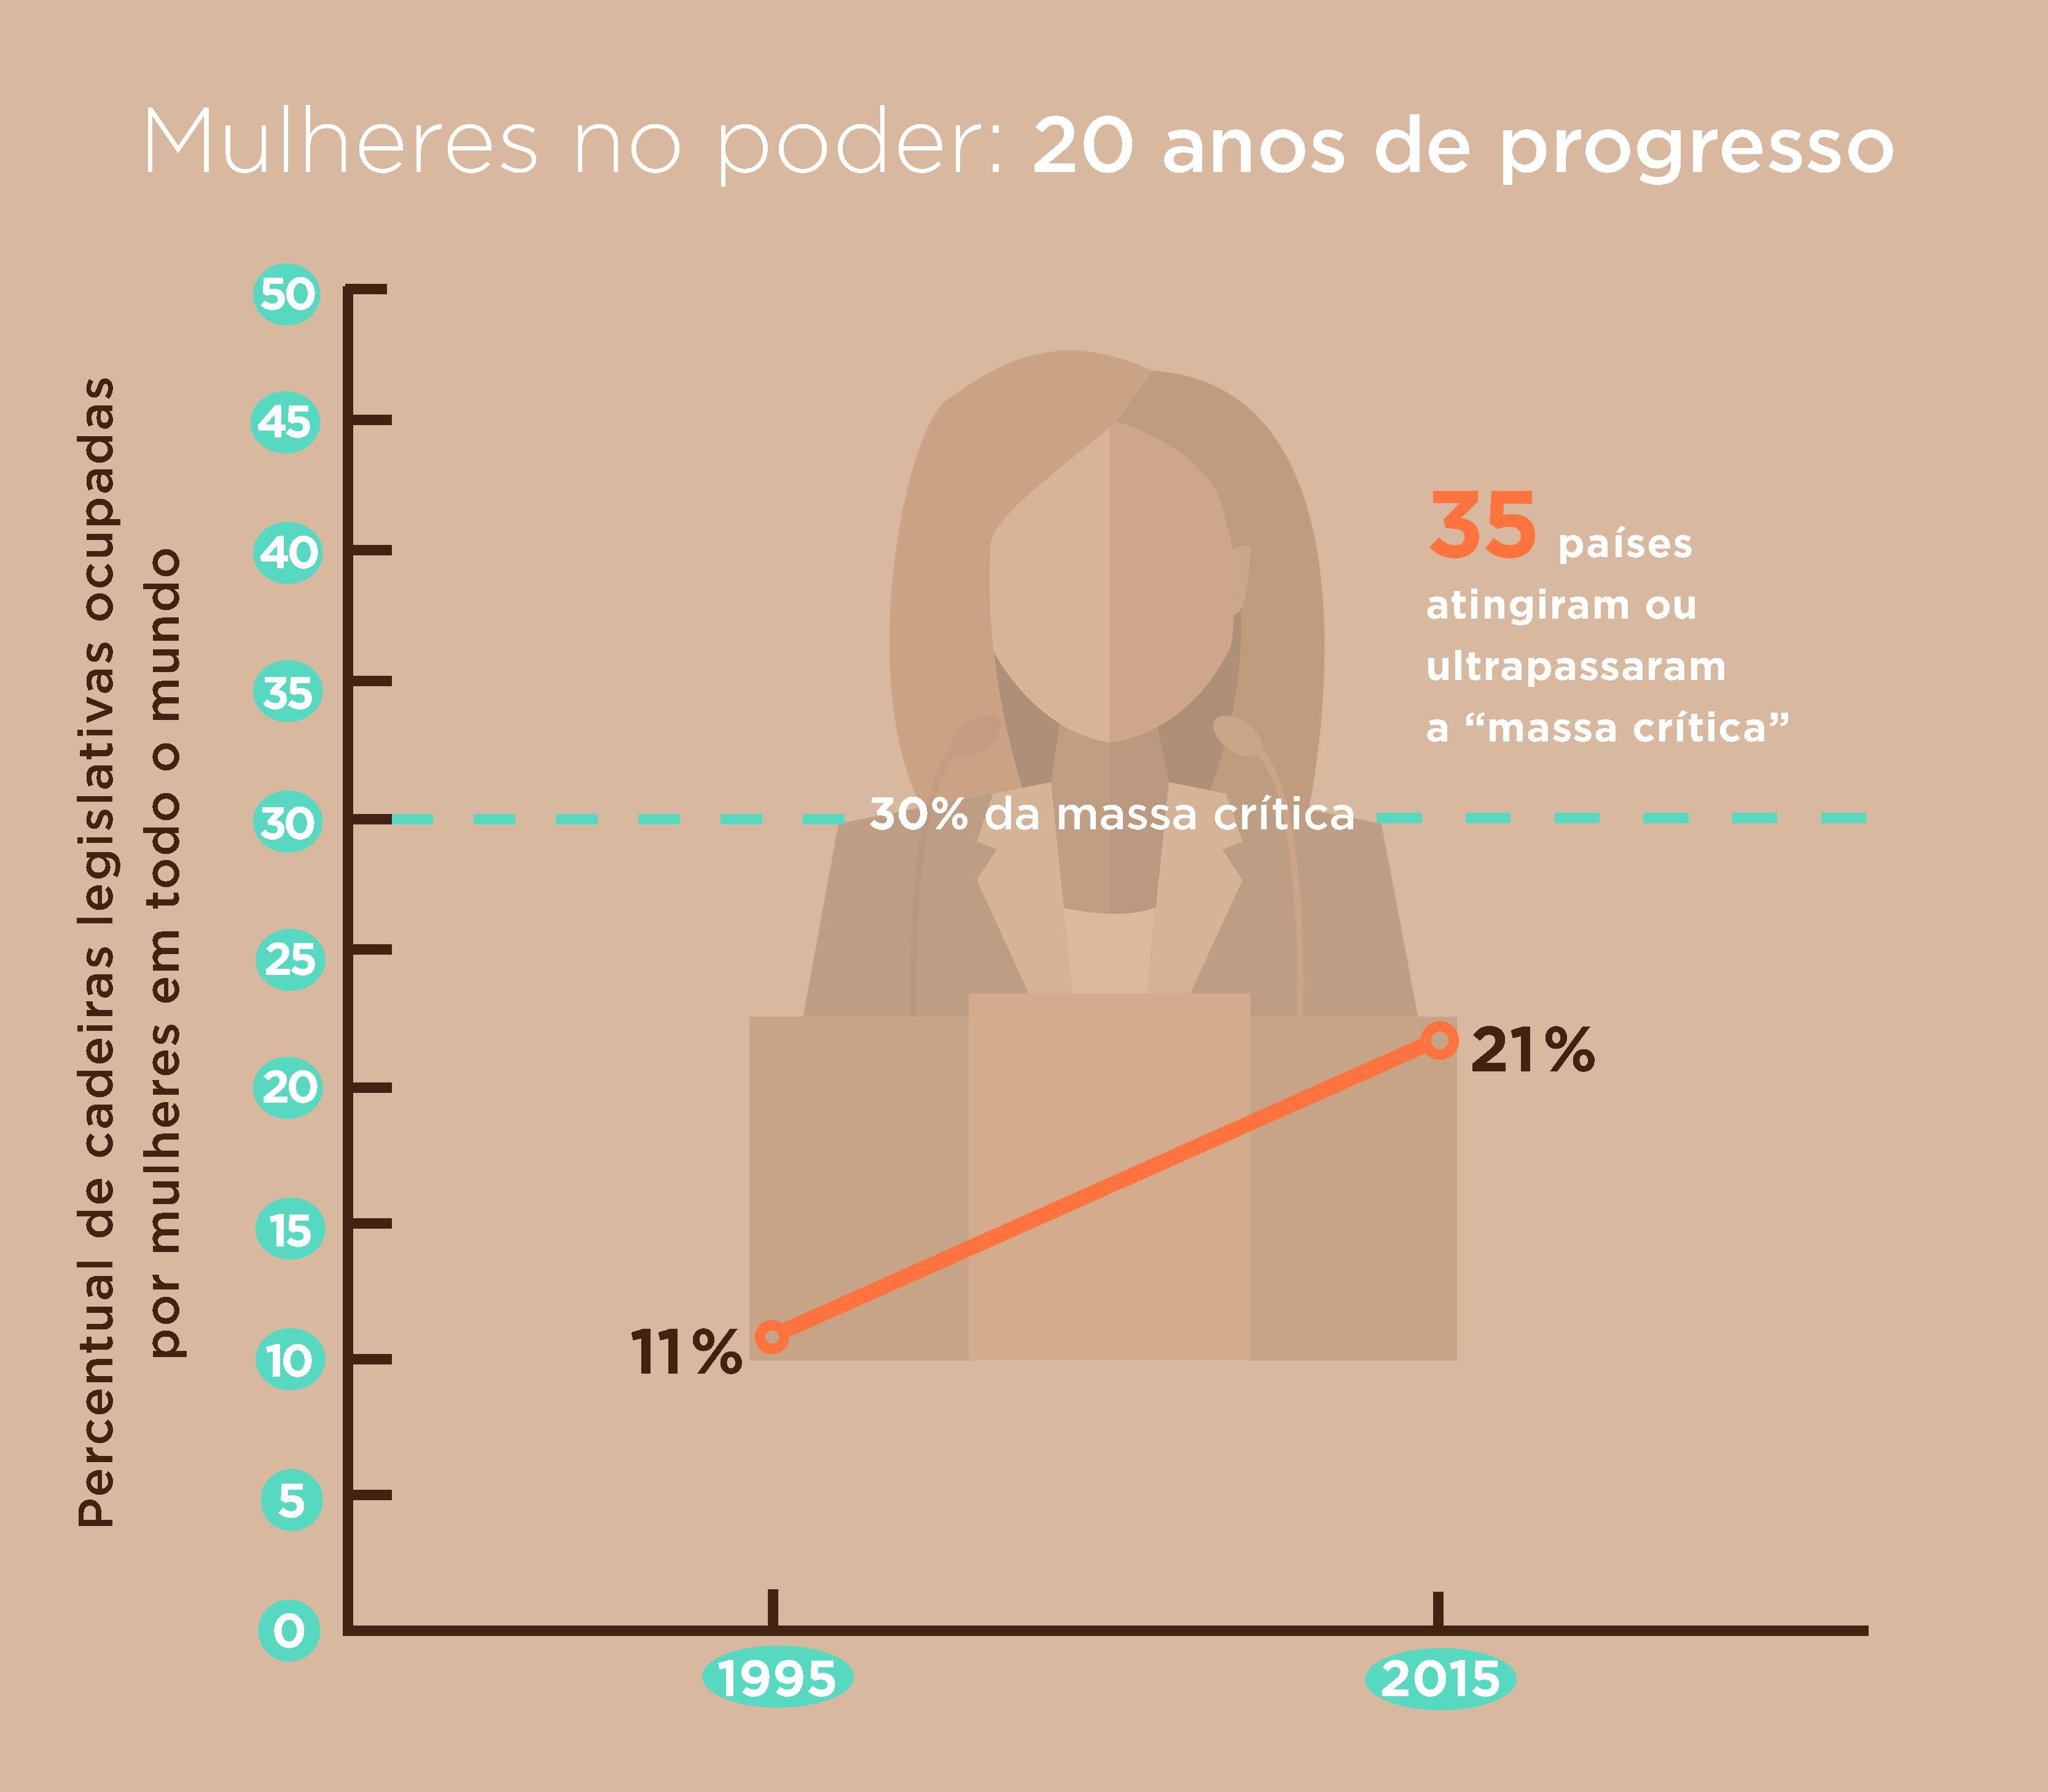 Infográfico mostra o número de cadeiras legislativas ocupadas por mulheres nos últimos 20 anos (Depto. de Estado/E. Agostini)